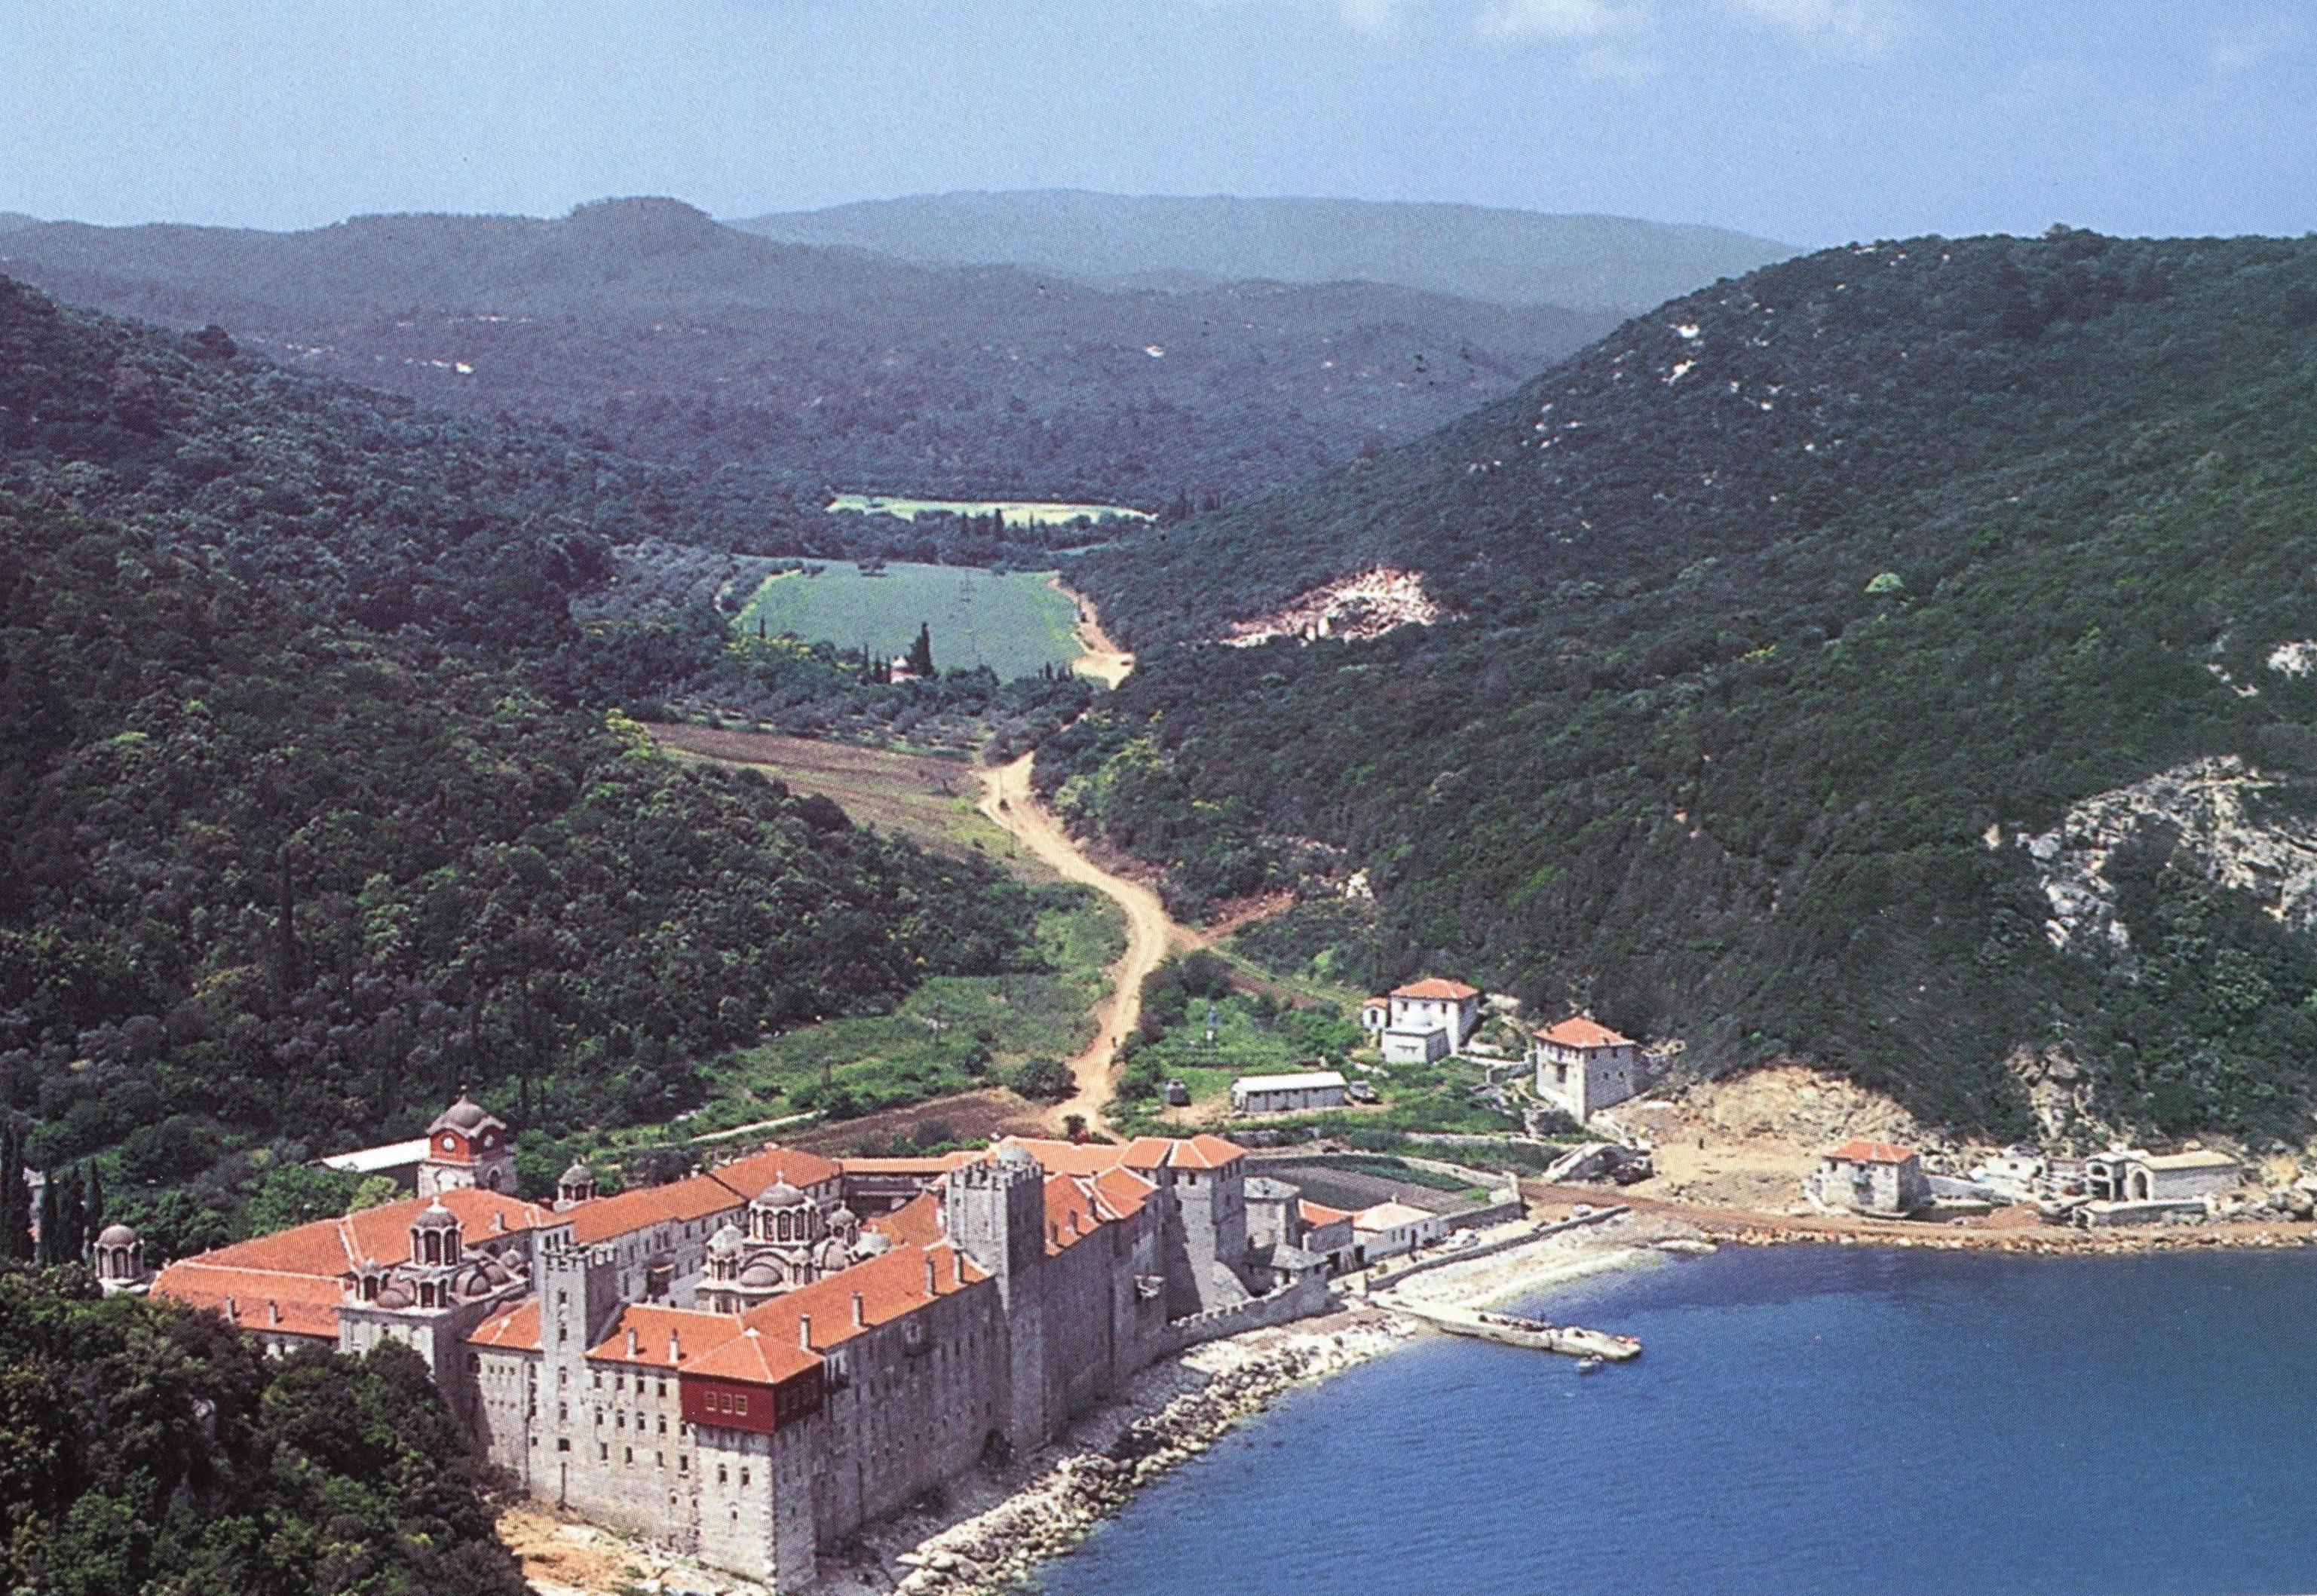 Η Ιερά Μονή Εσφιγμένου. Εξωτερική άποψη. Holy Monastery of Esphigmenou. External view.